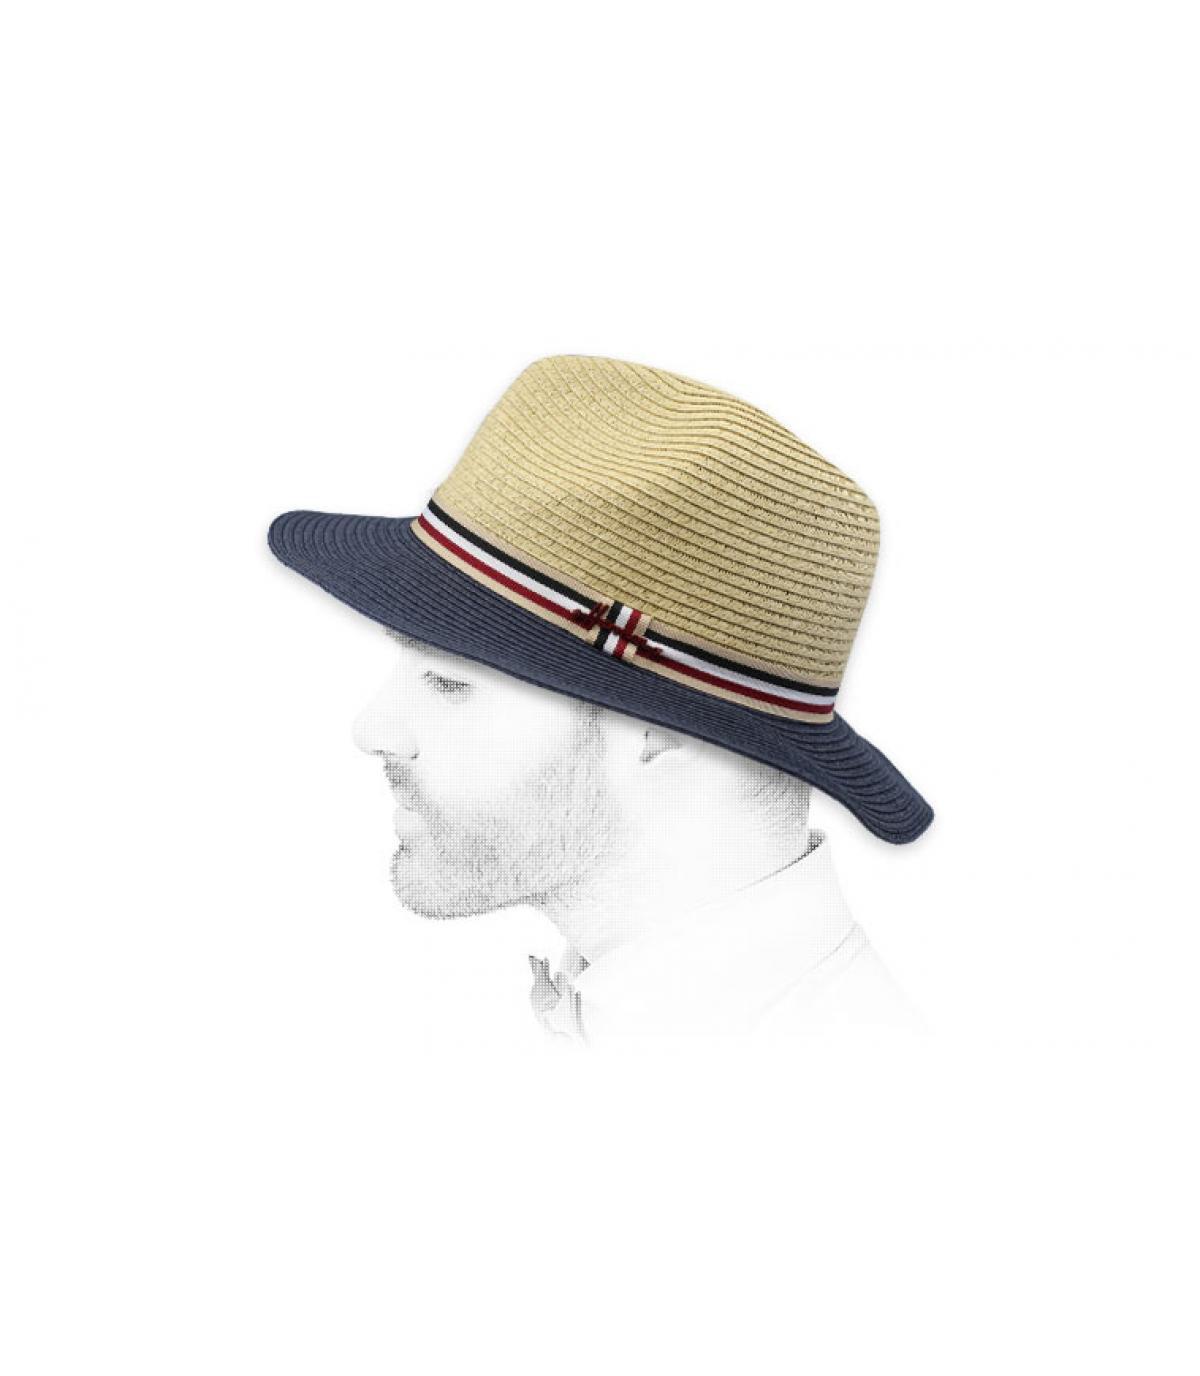 77051cb1d1e Chapeau - Achat chapeaux tendance en ligne - Original - Headict